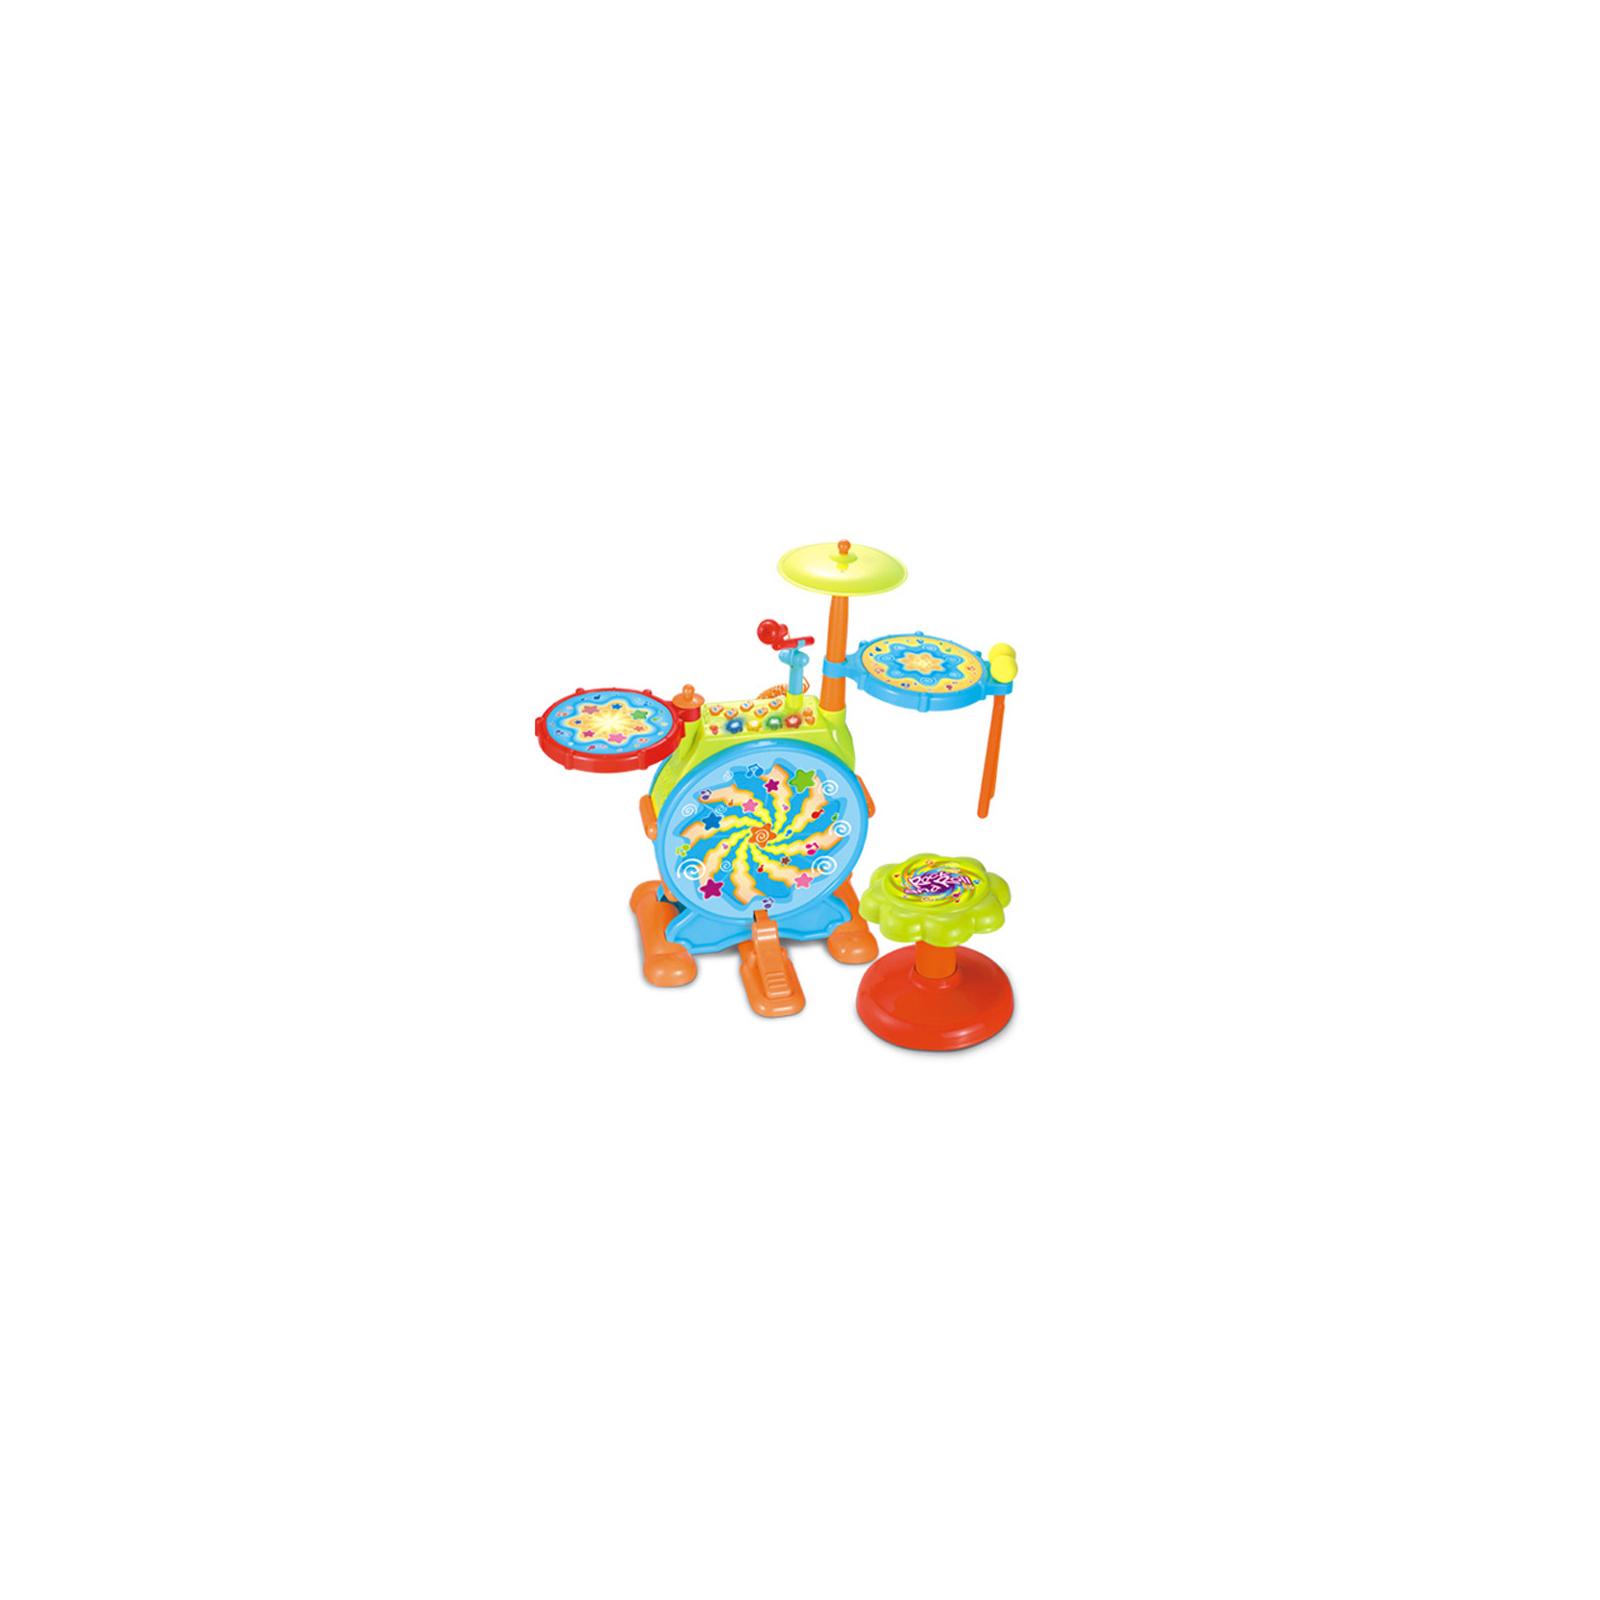 Развивающая игрушка Huile Toys Джазовый Барабан (666) (666)